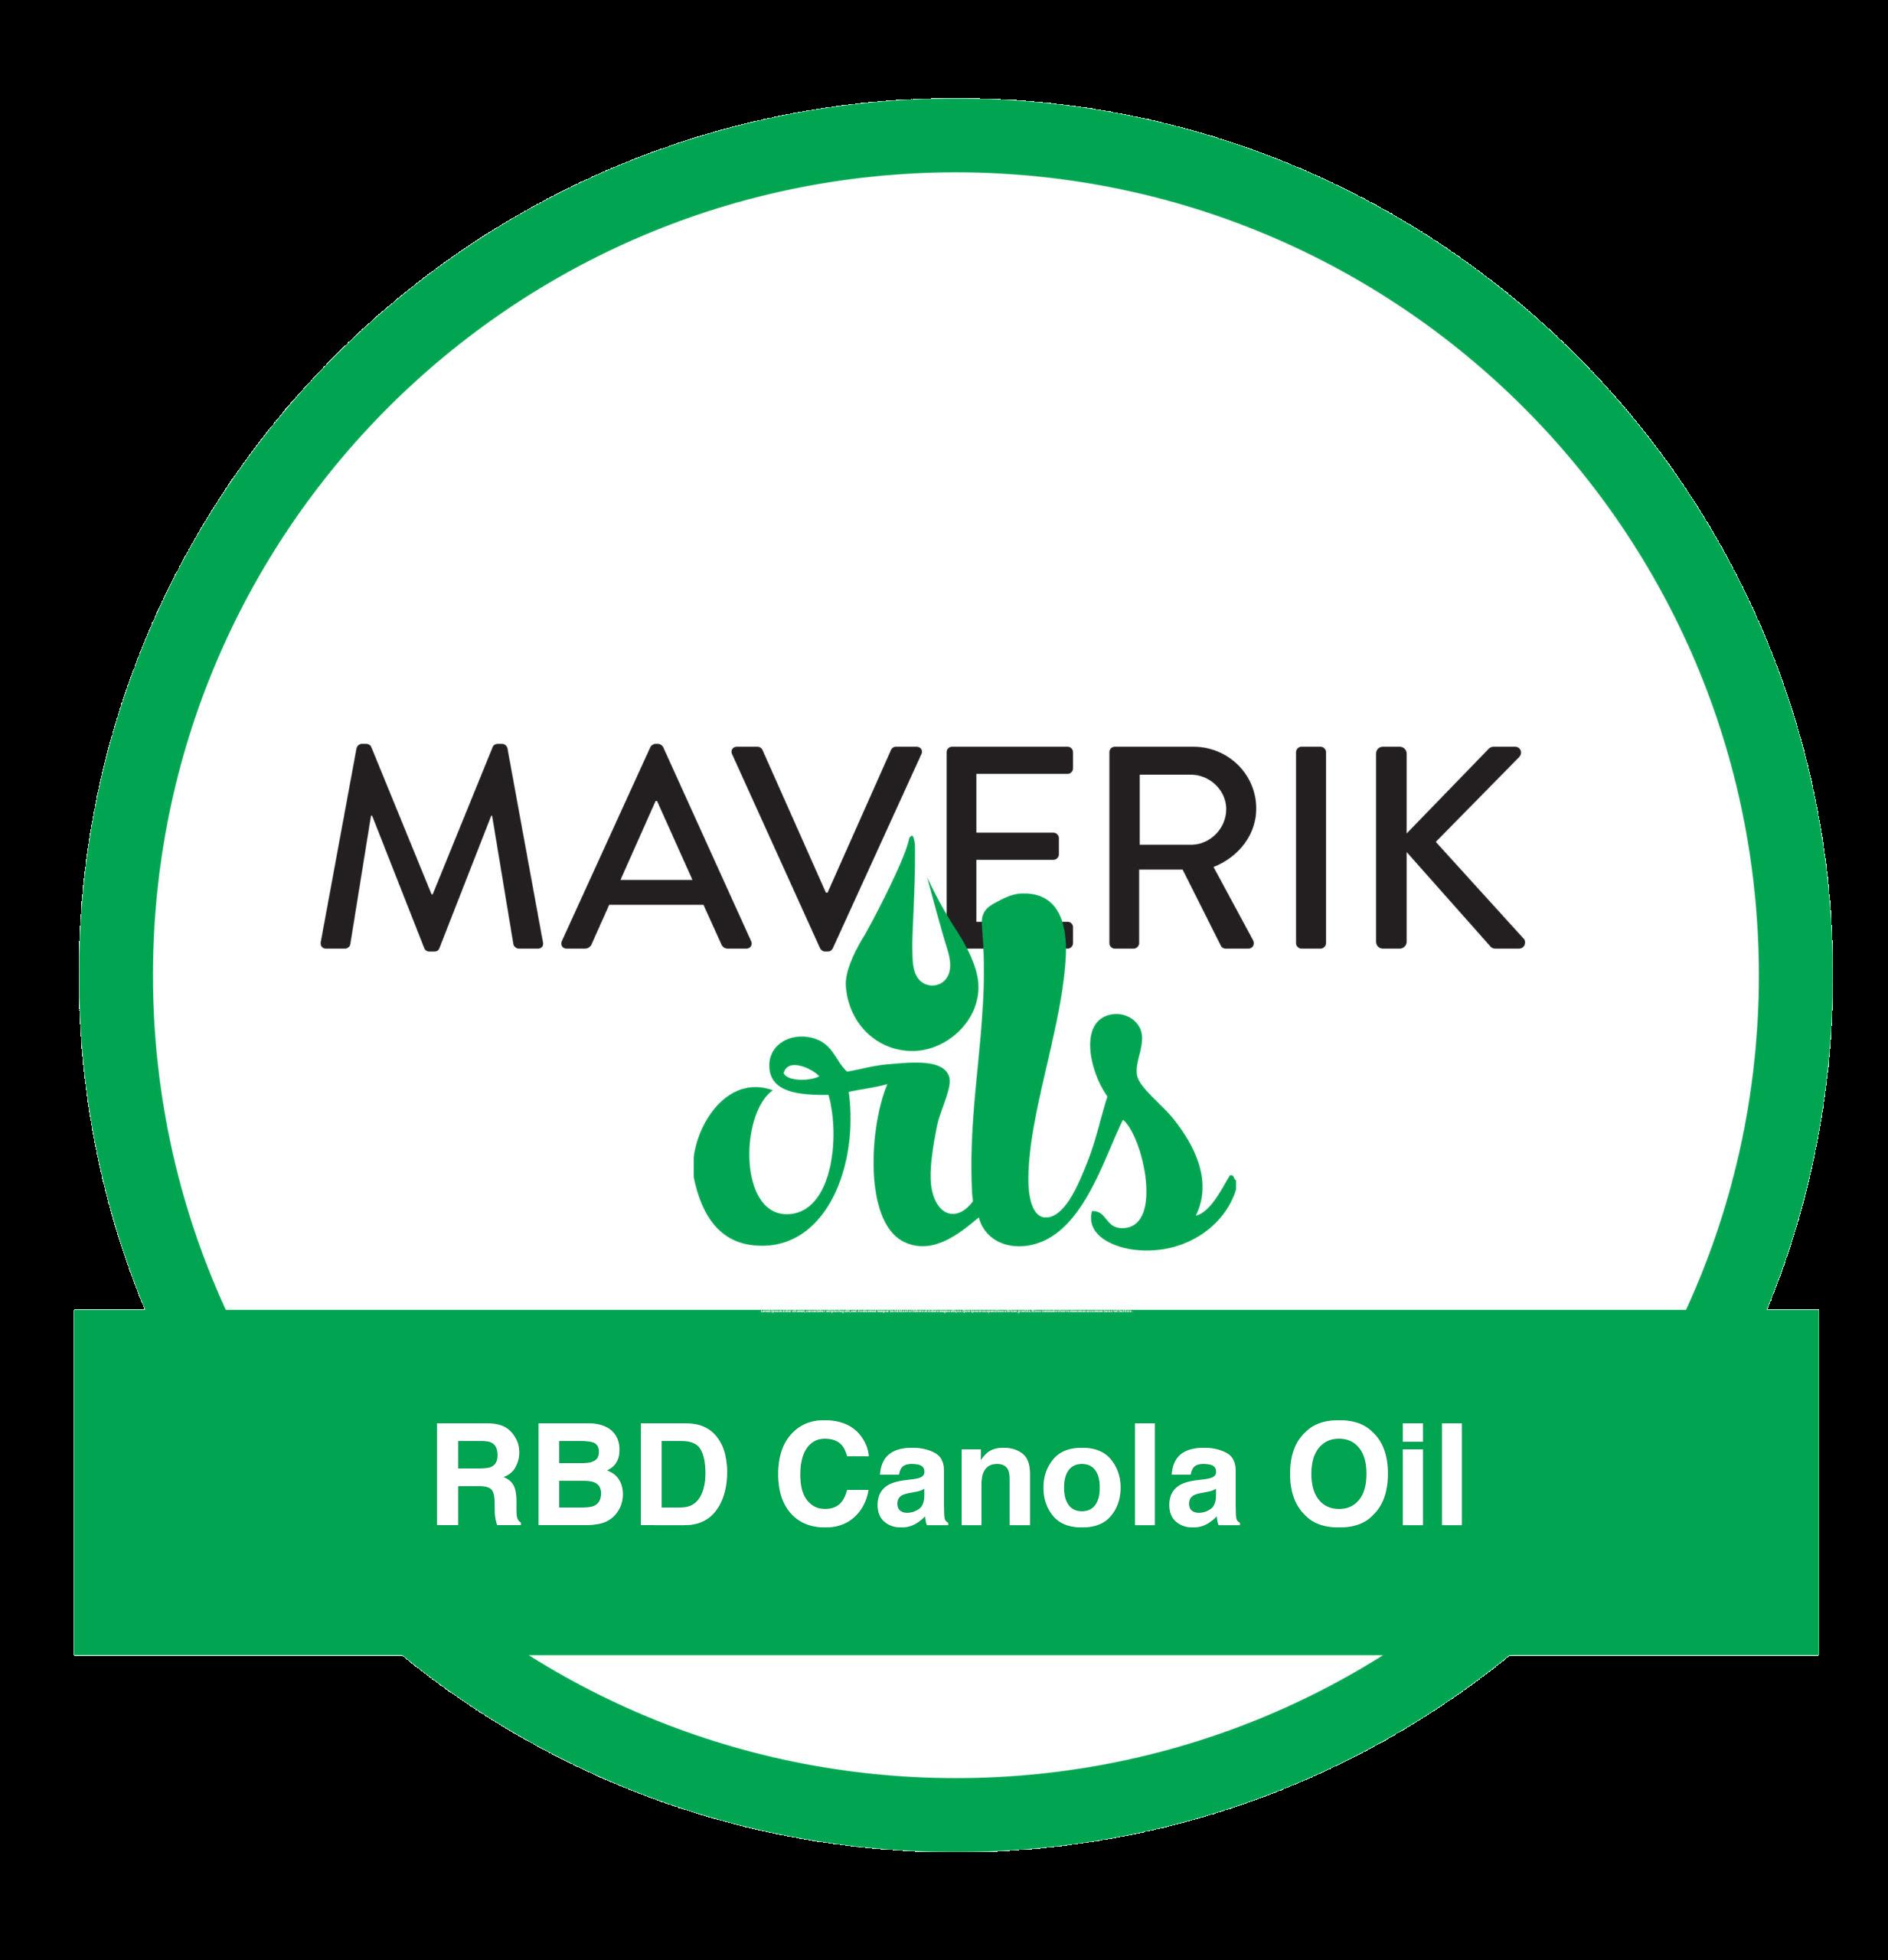 RBD Canola Oil